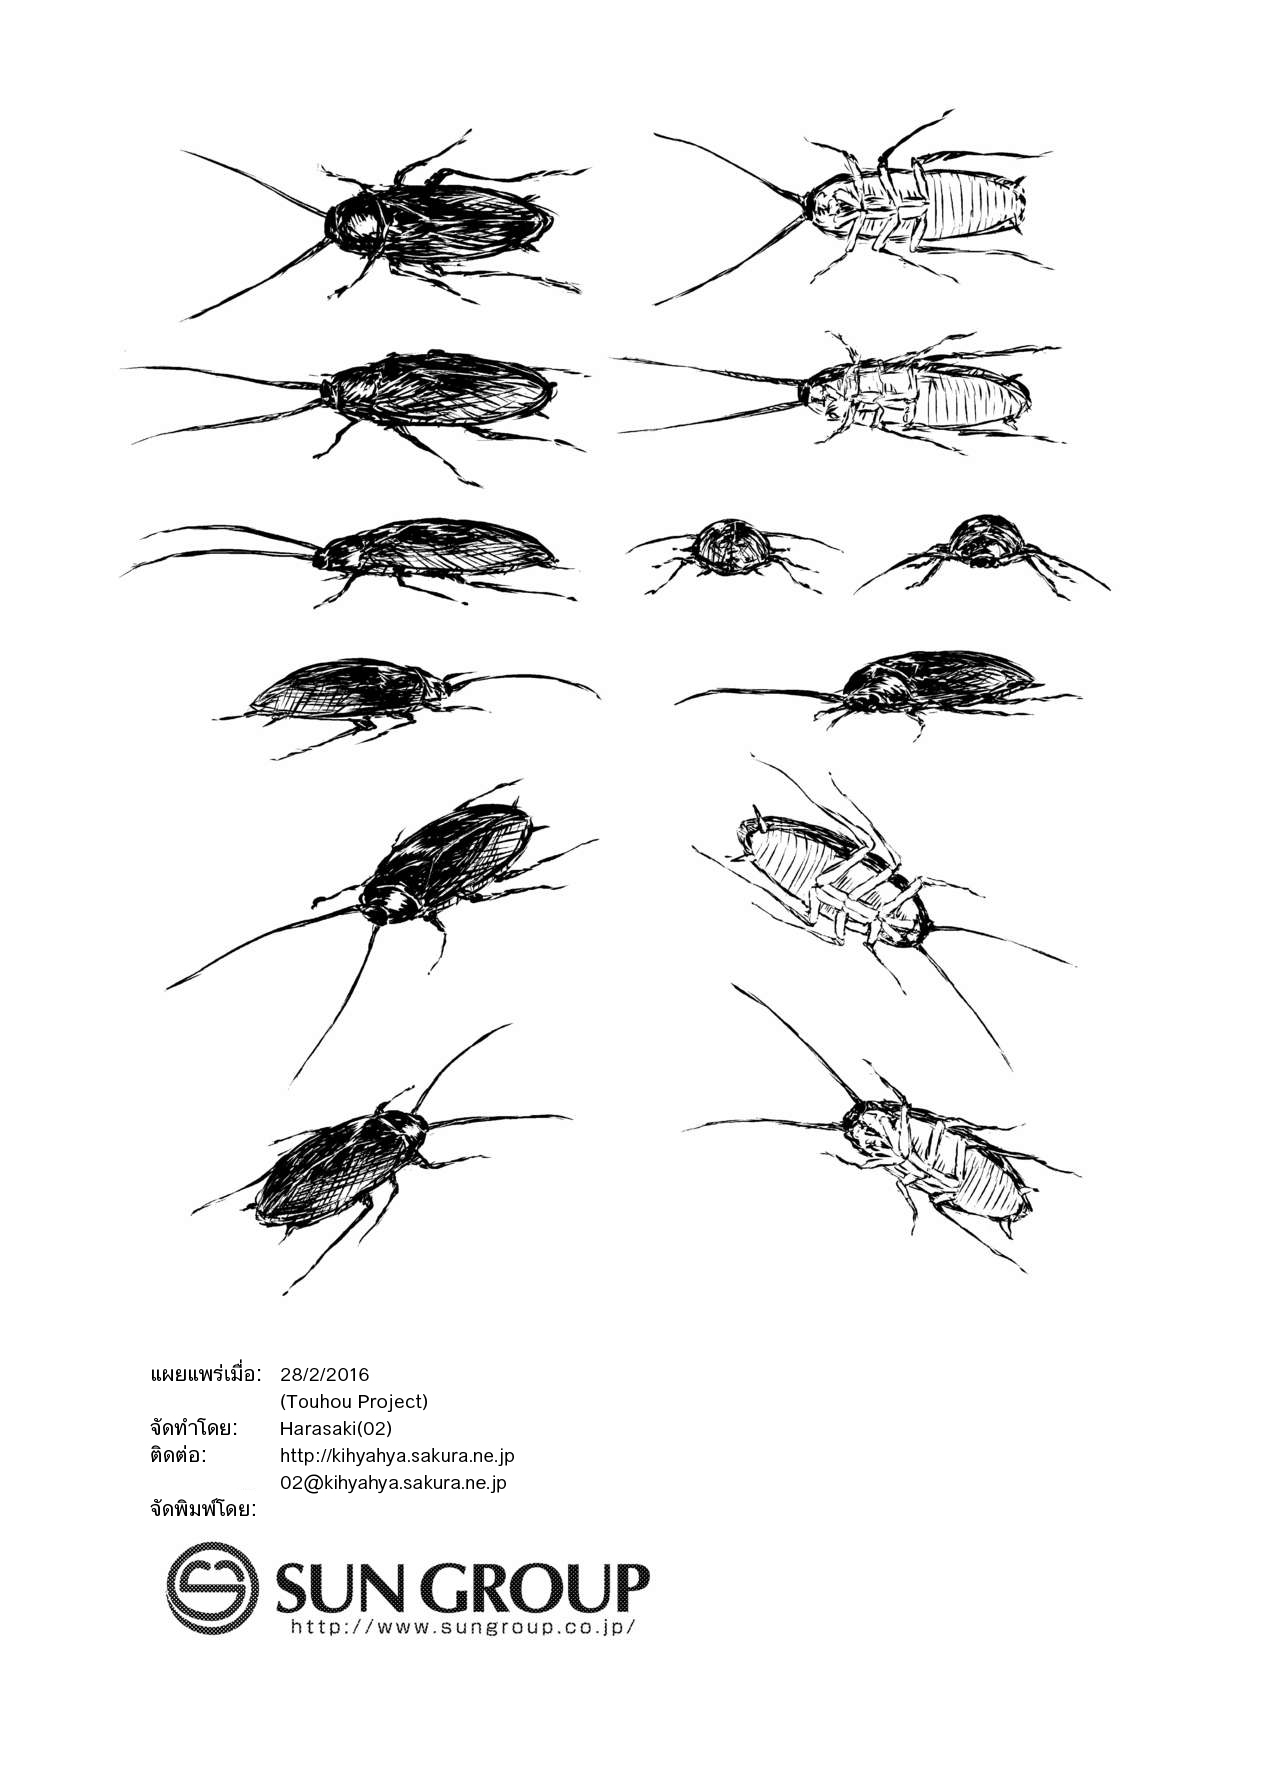 หนังสือวิธียัดแมลงสาปเข้าไปข้างในของซึมิเรโคะจัง ภาพ 33